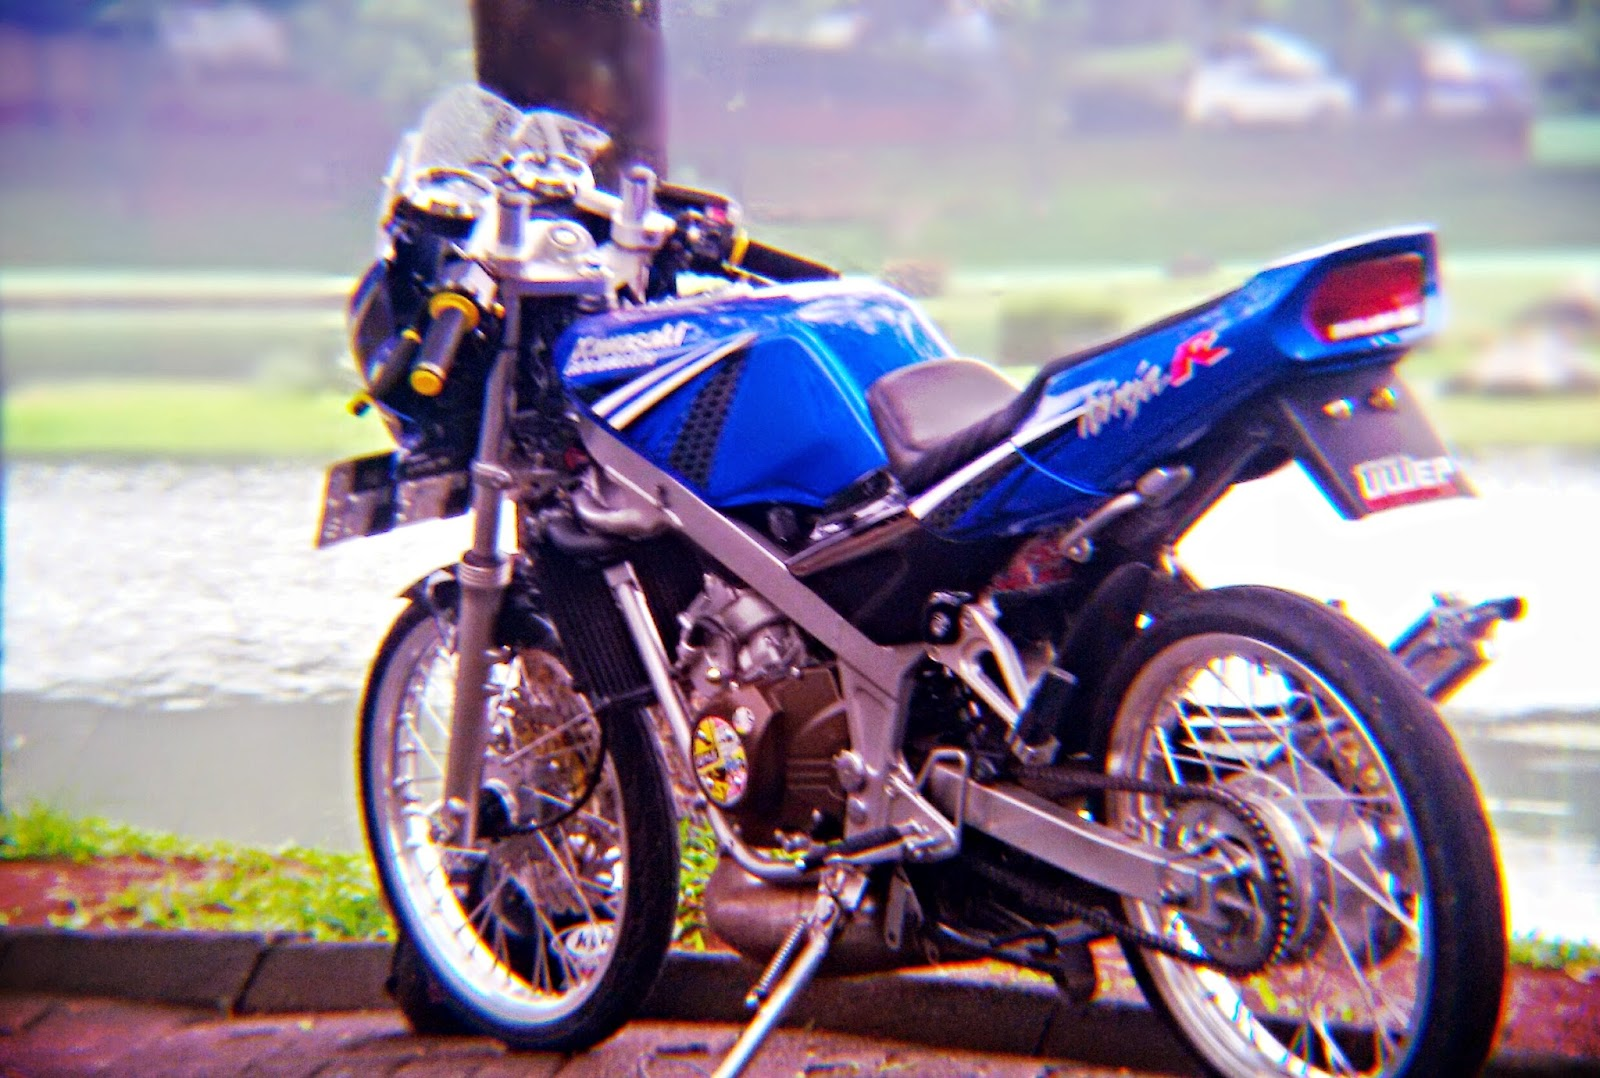 96 Modifikasi Motor Ninja R Jari Jari Warna Biru Sobat Modifikasi